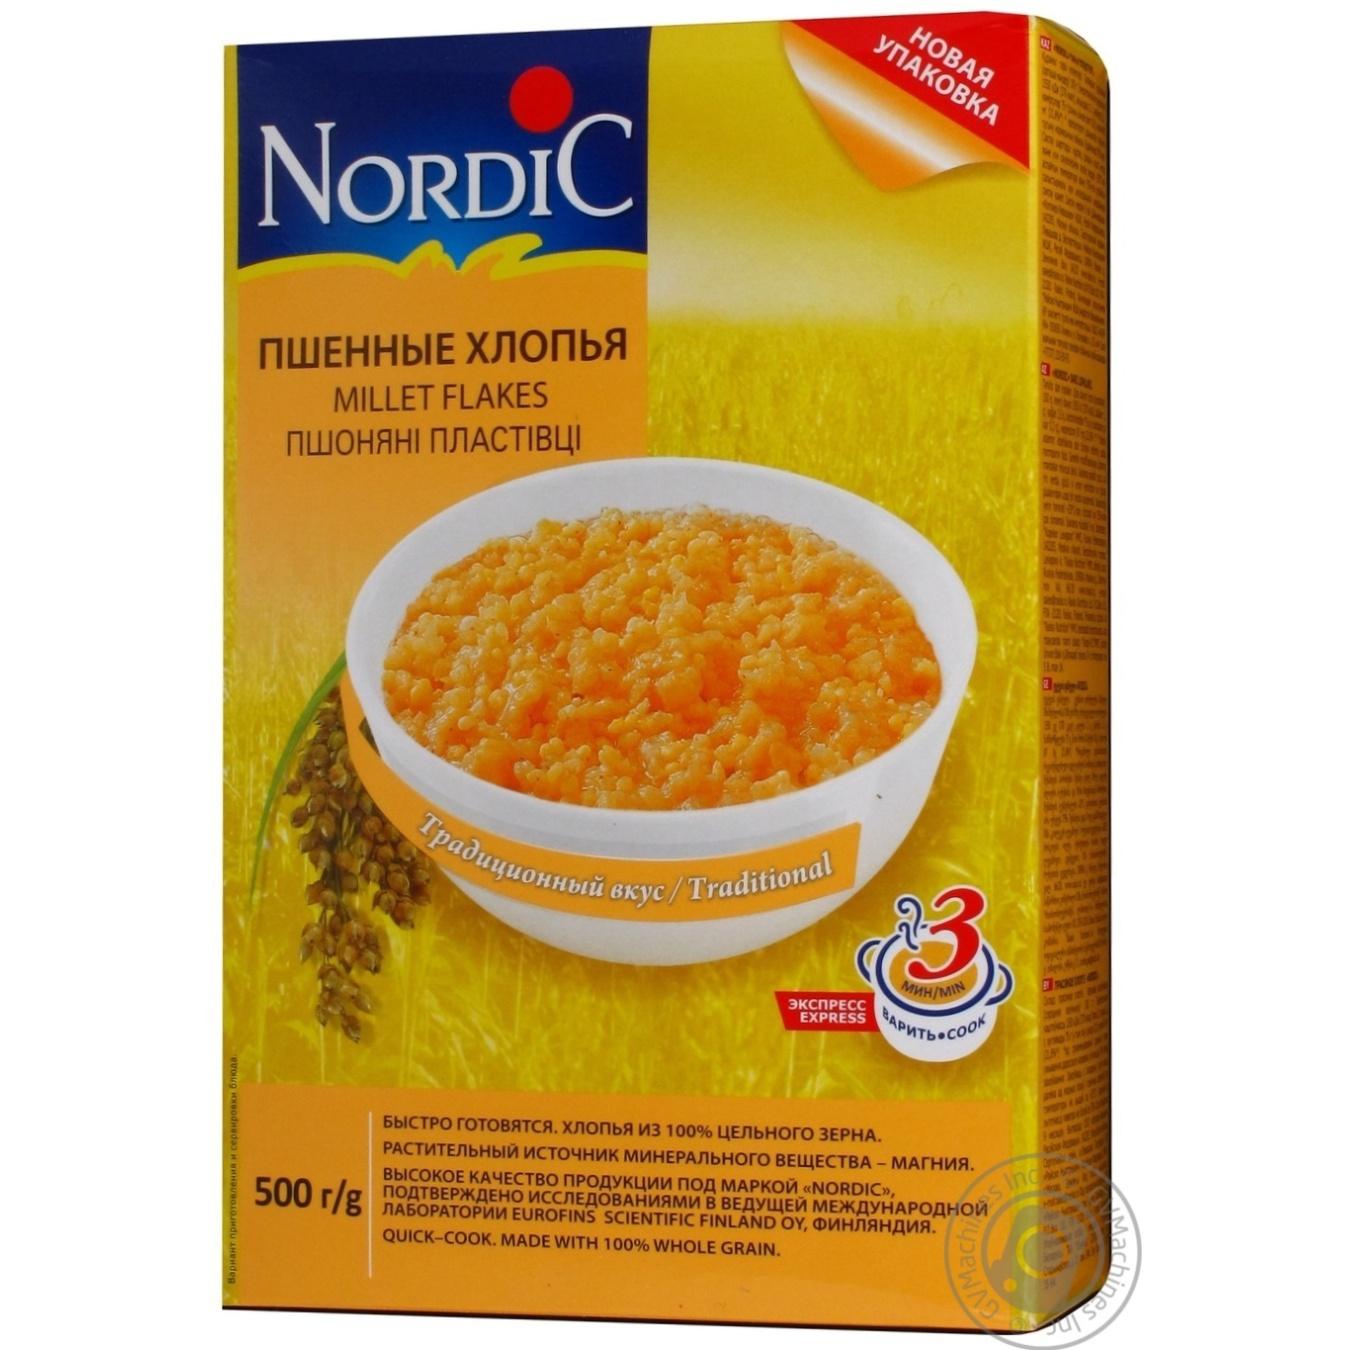 Купить Хлопья Nordic пшеничные 500г